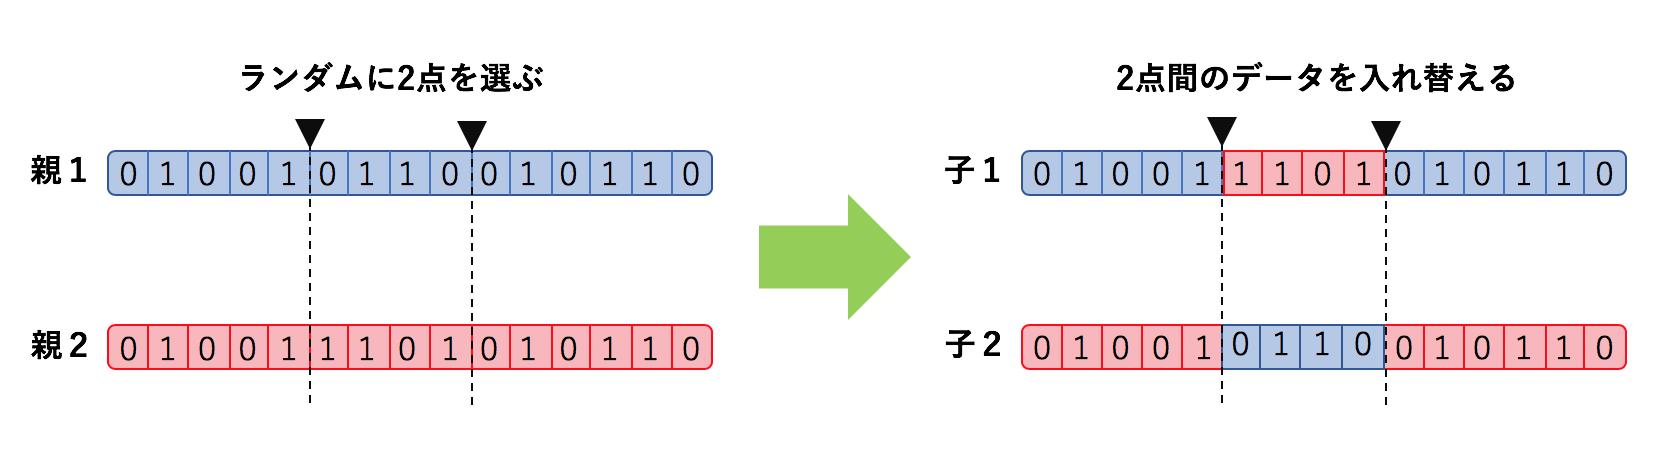 遺伝的アルゴリズム交叉.png